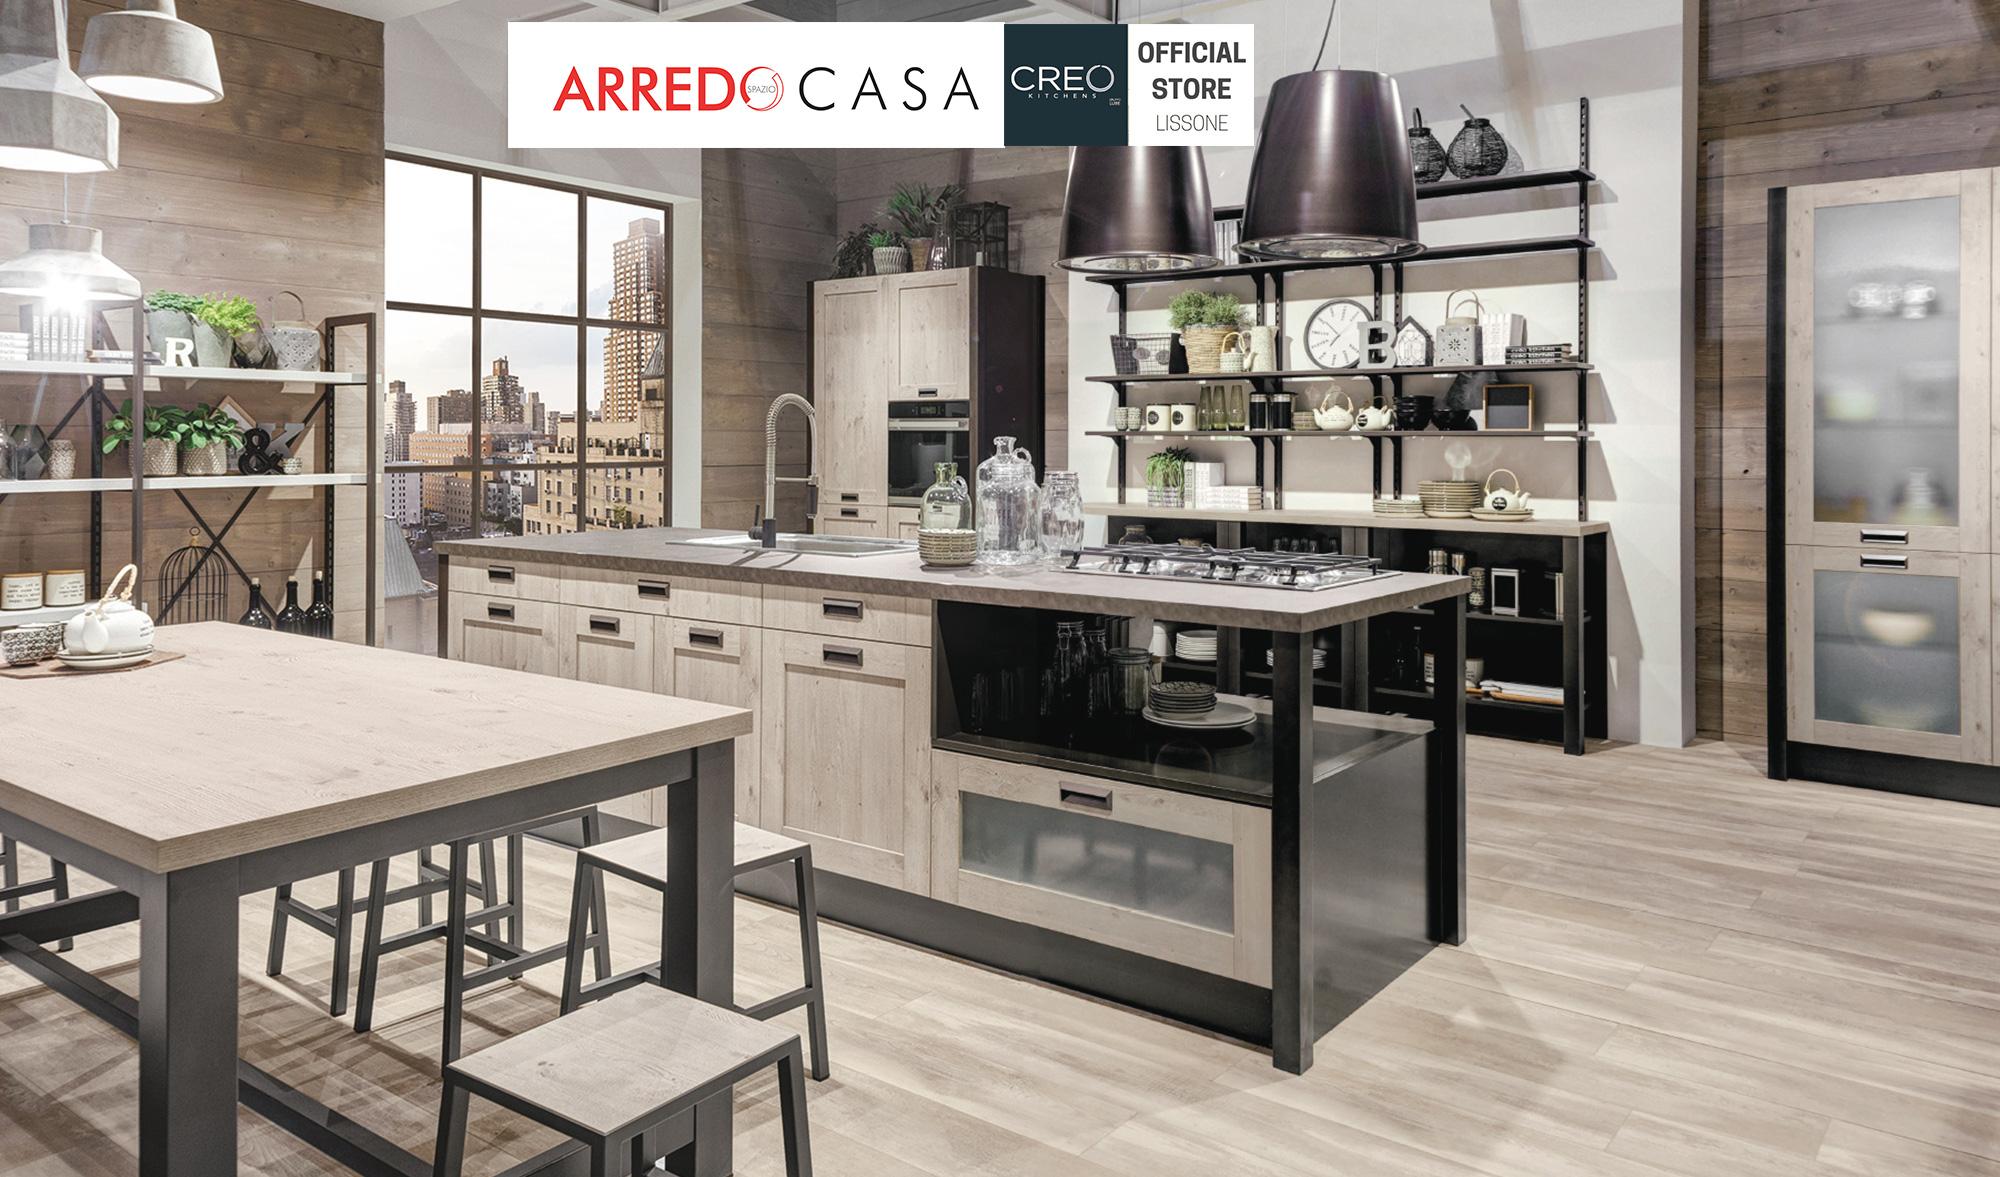 Cucina Kyra Telaio di Creo: icona di stile industrial chic ...